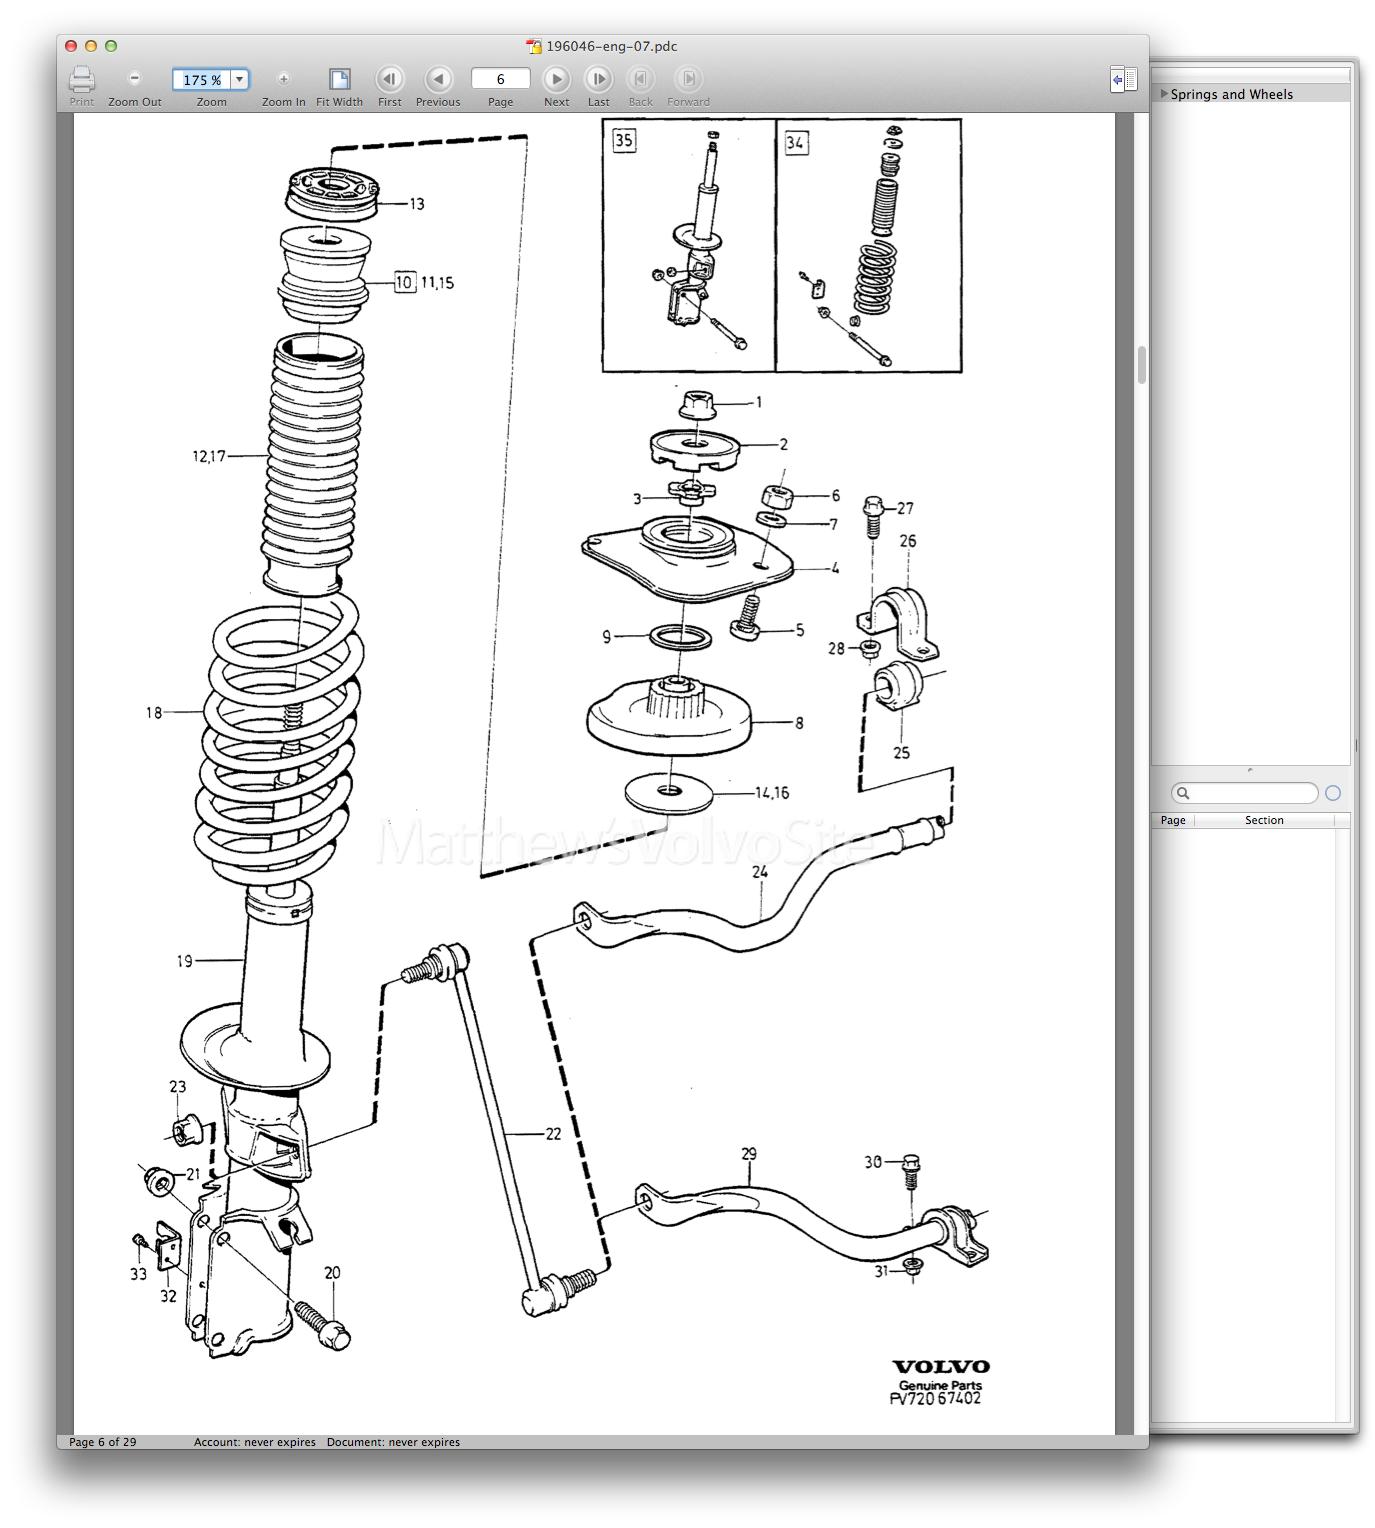 volvo gb petrol haynes manual cover repair en diesel enlarge